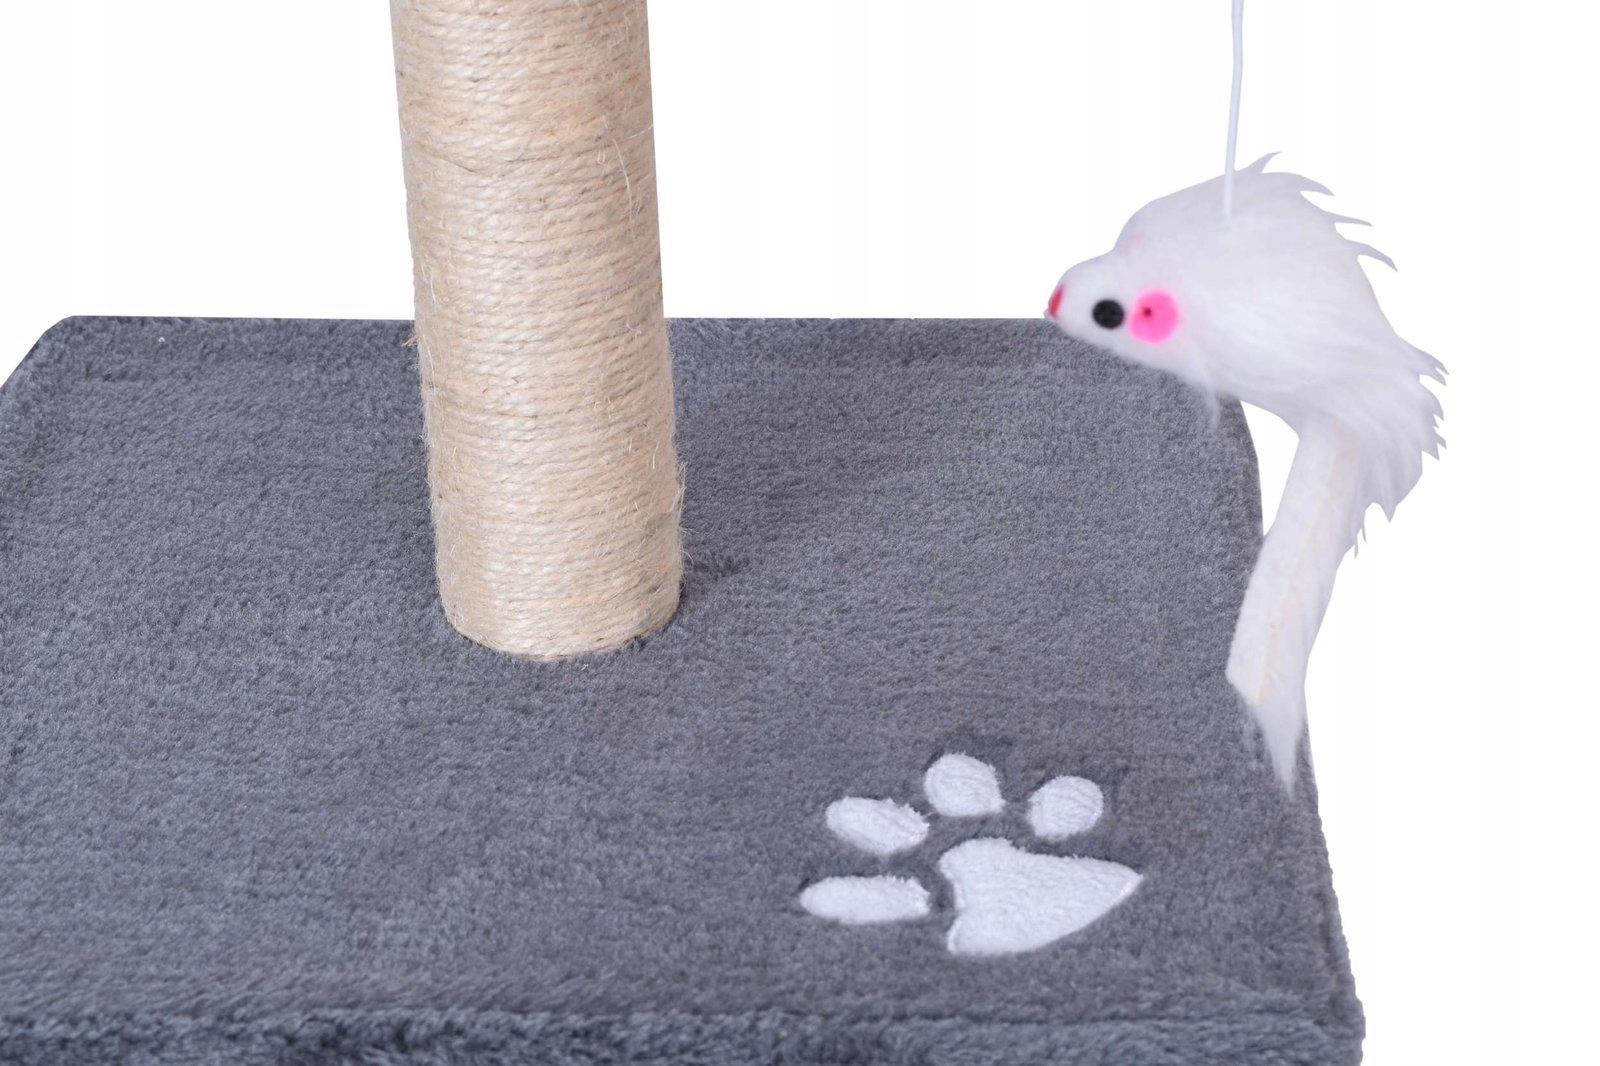 SPRIEVODCA STROJOM ODEV PRE KOČKY 3 ÚROVNE 56 cm Určené pre mačiatka, pre rodiny mačiek